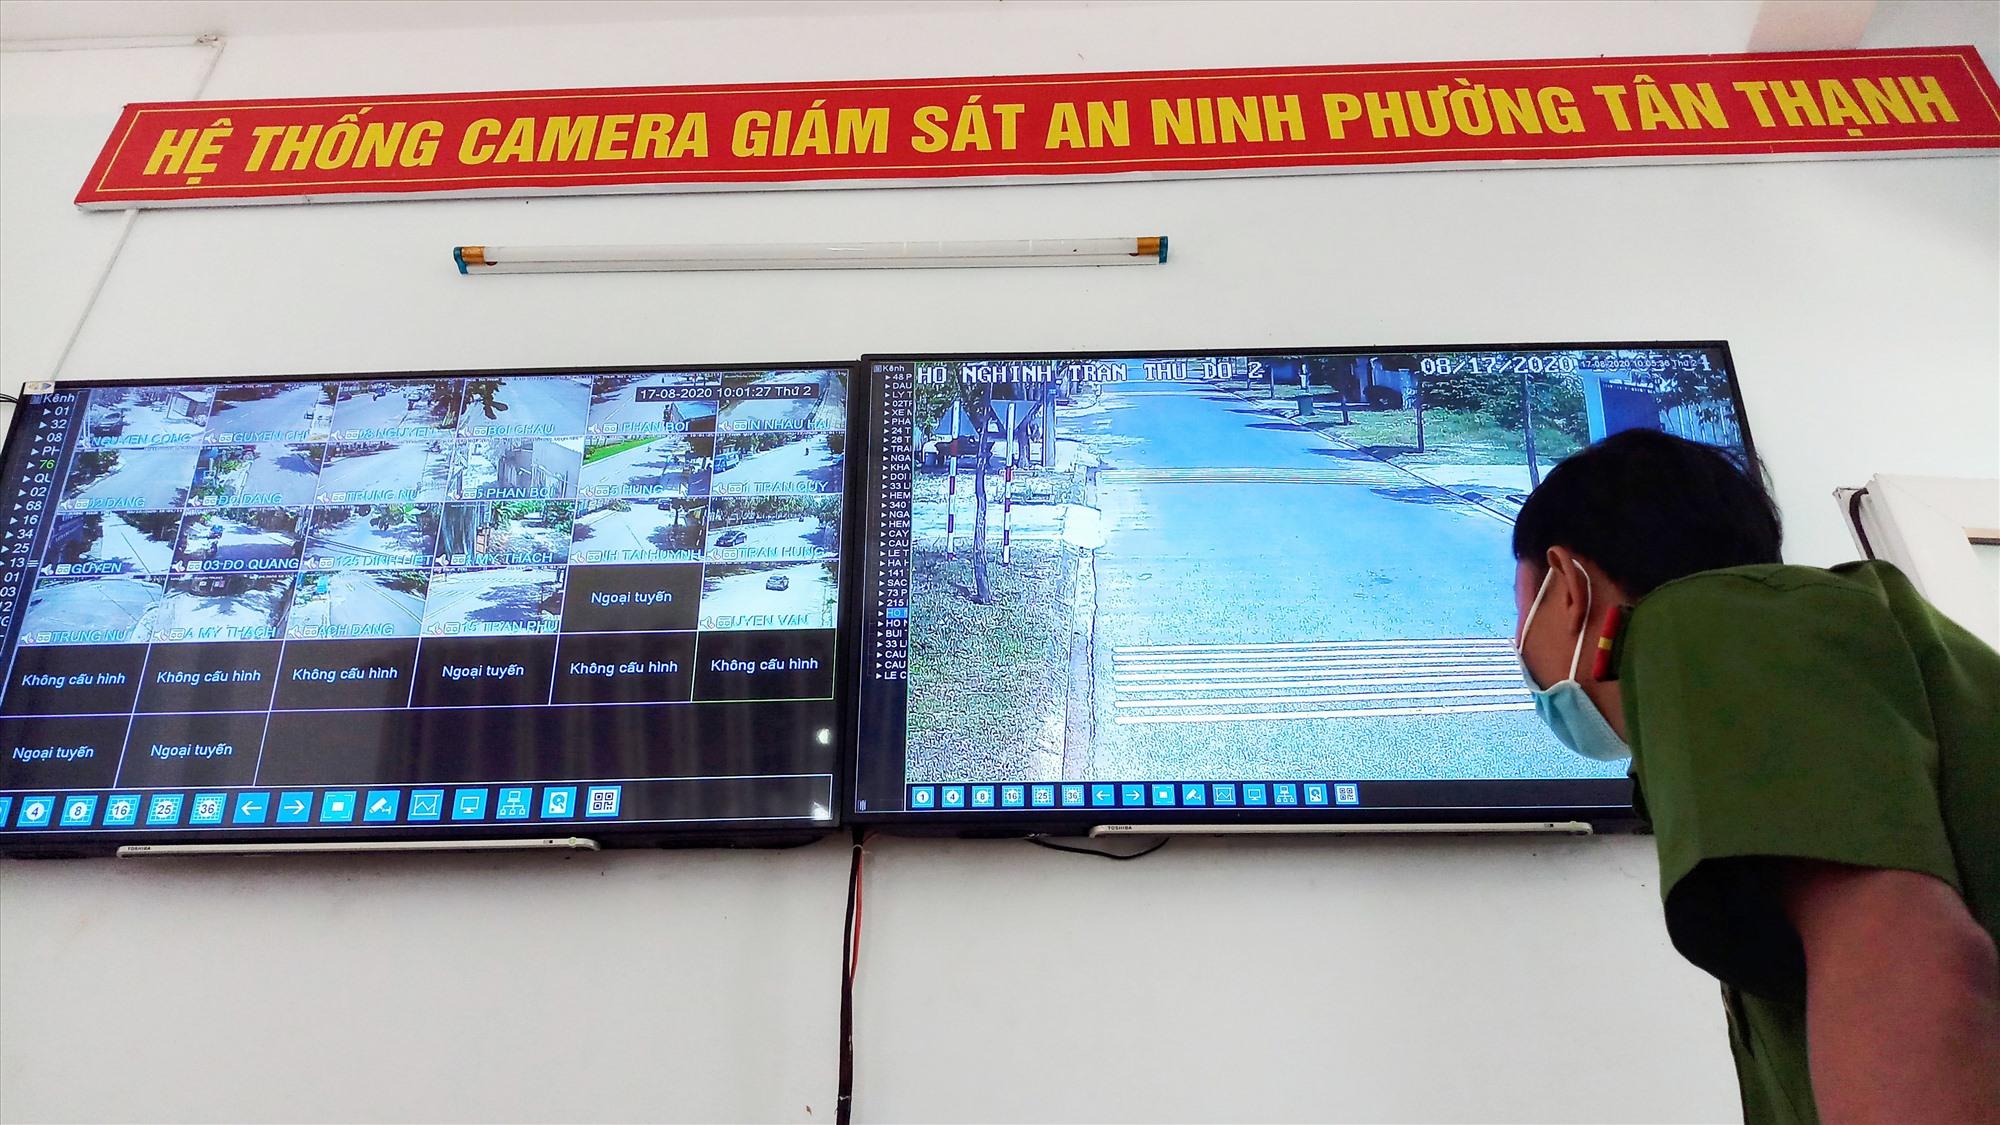 Nhờ hệ thống camera giám sát an ninh, Công an phường Tân Thạnh làm tốt công tác đảm bảo ANTT trên địa bàn. Ảnh: ALĂNG NGƯỚC